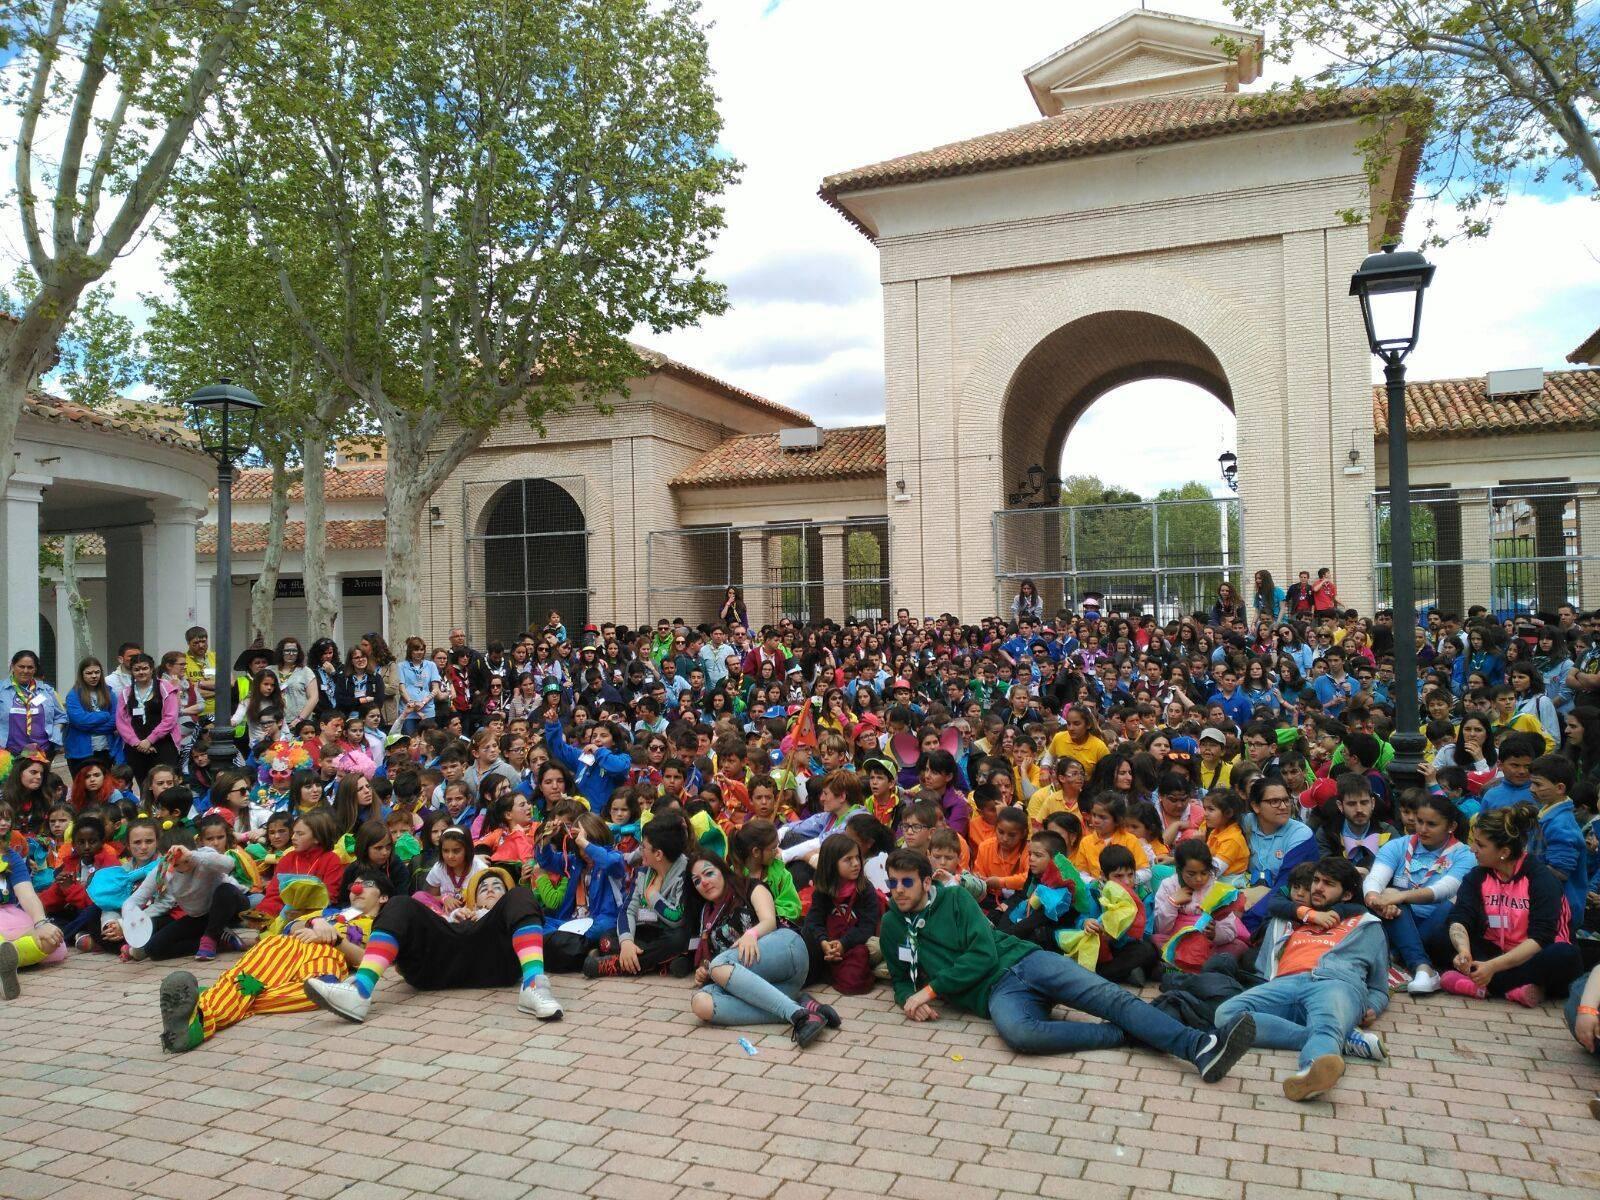 celebracion regional de san jorge de los scout catolicos de clm - El grupo Scout La Inmaculada participa en el encuentro regional de scouts católicos